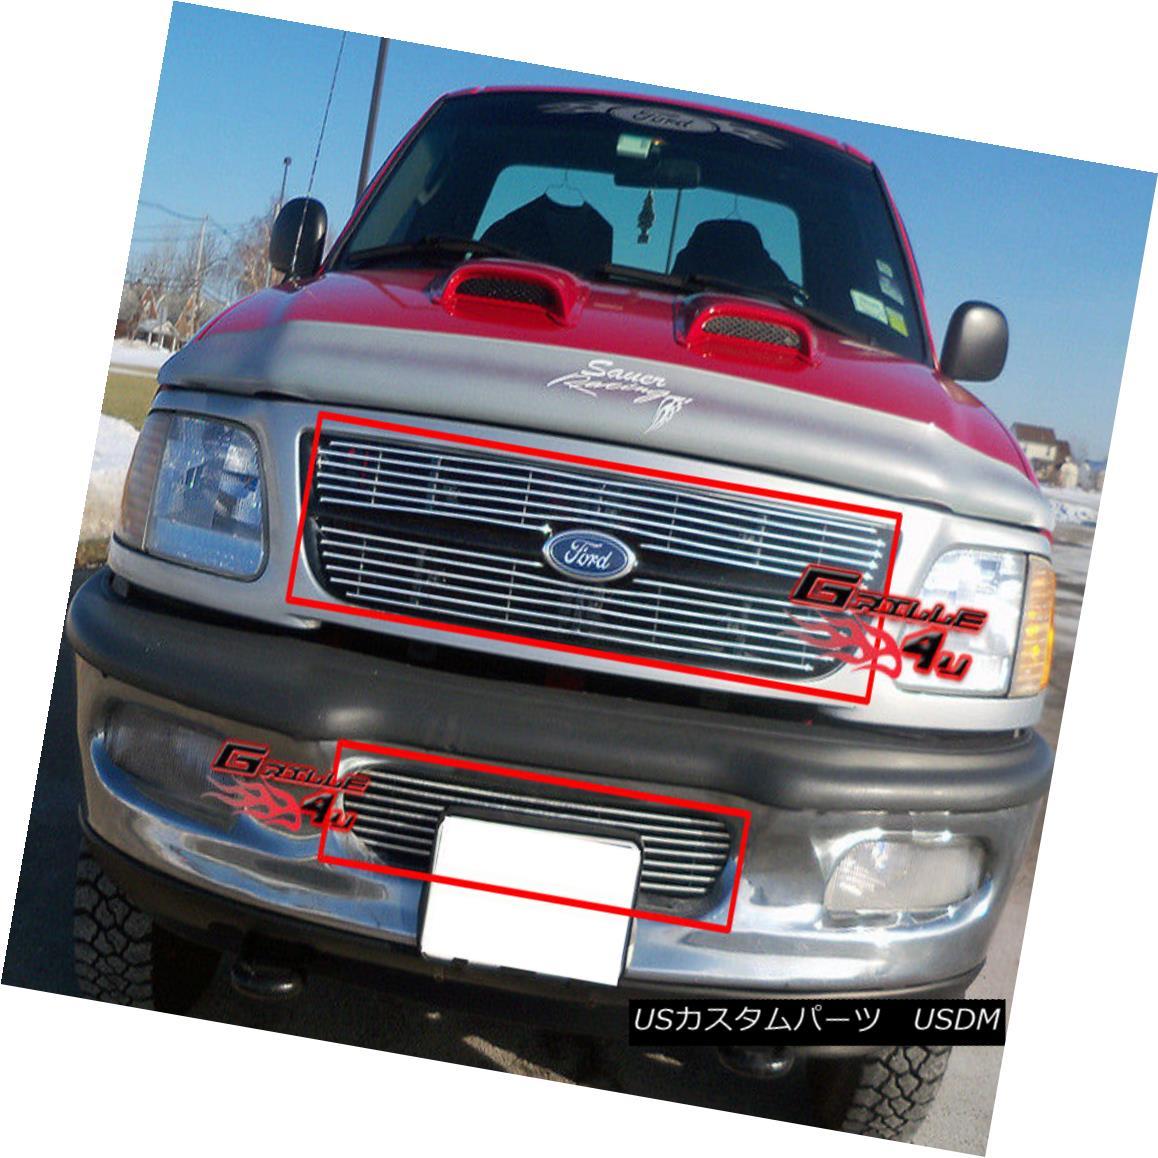 グリル Fits 97-98 Ford F-150 4WD /Expedition Billet Grille Combo フィット97-98フォードF-150 4WD /遠征ビレットグリルコンボ